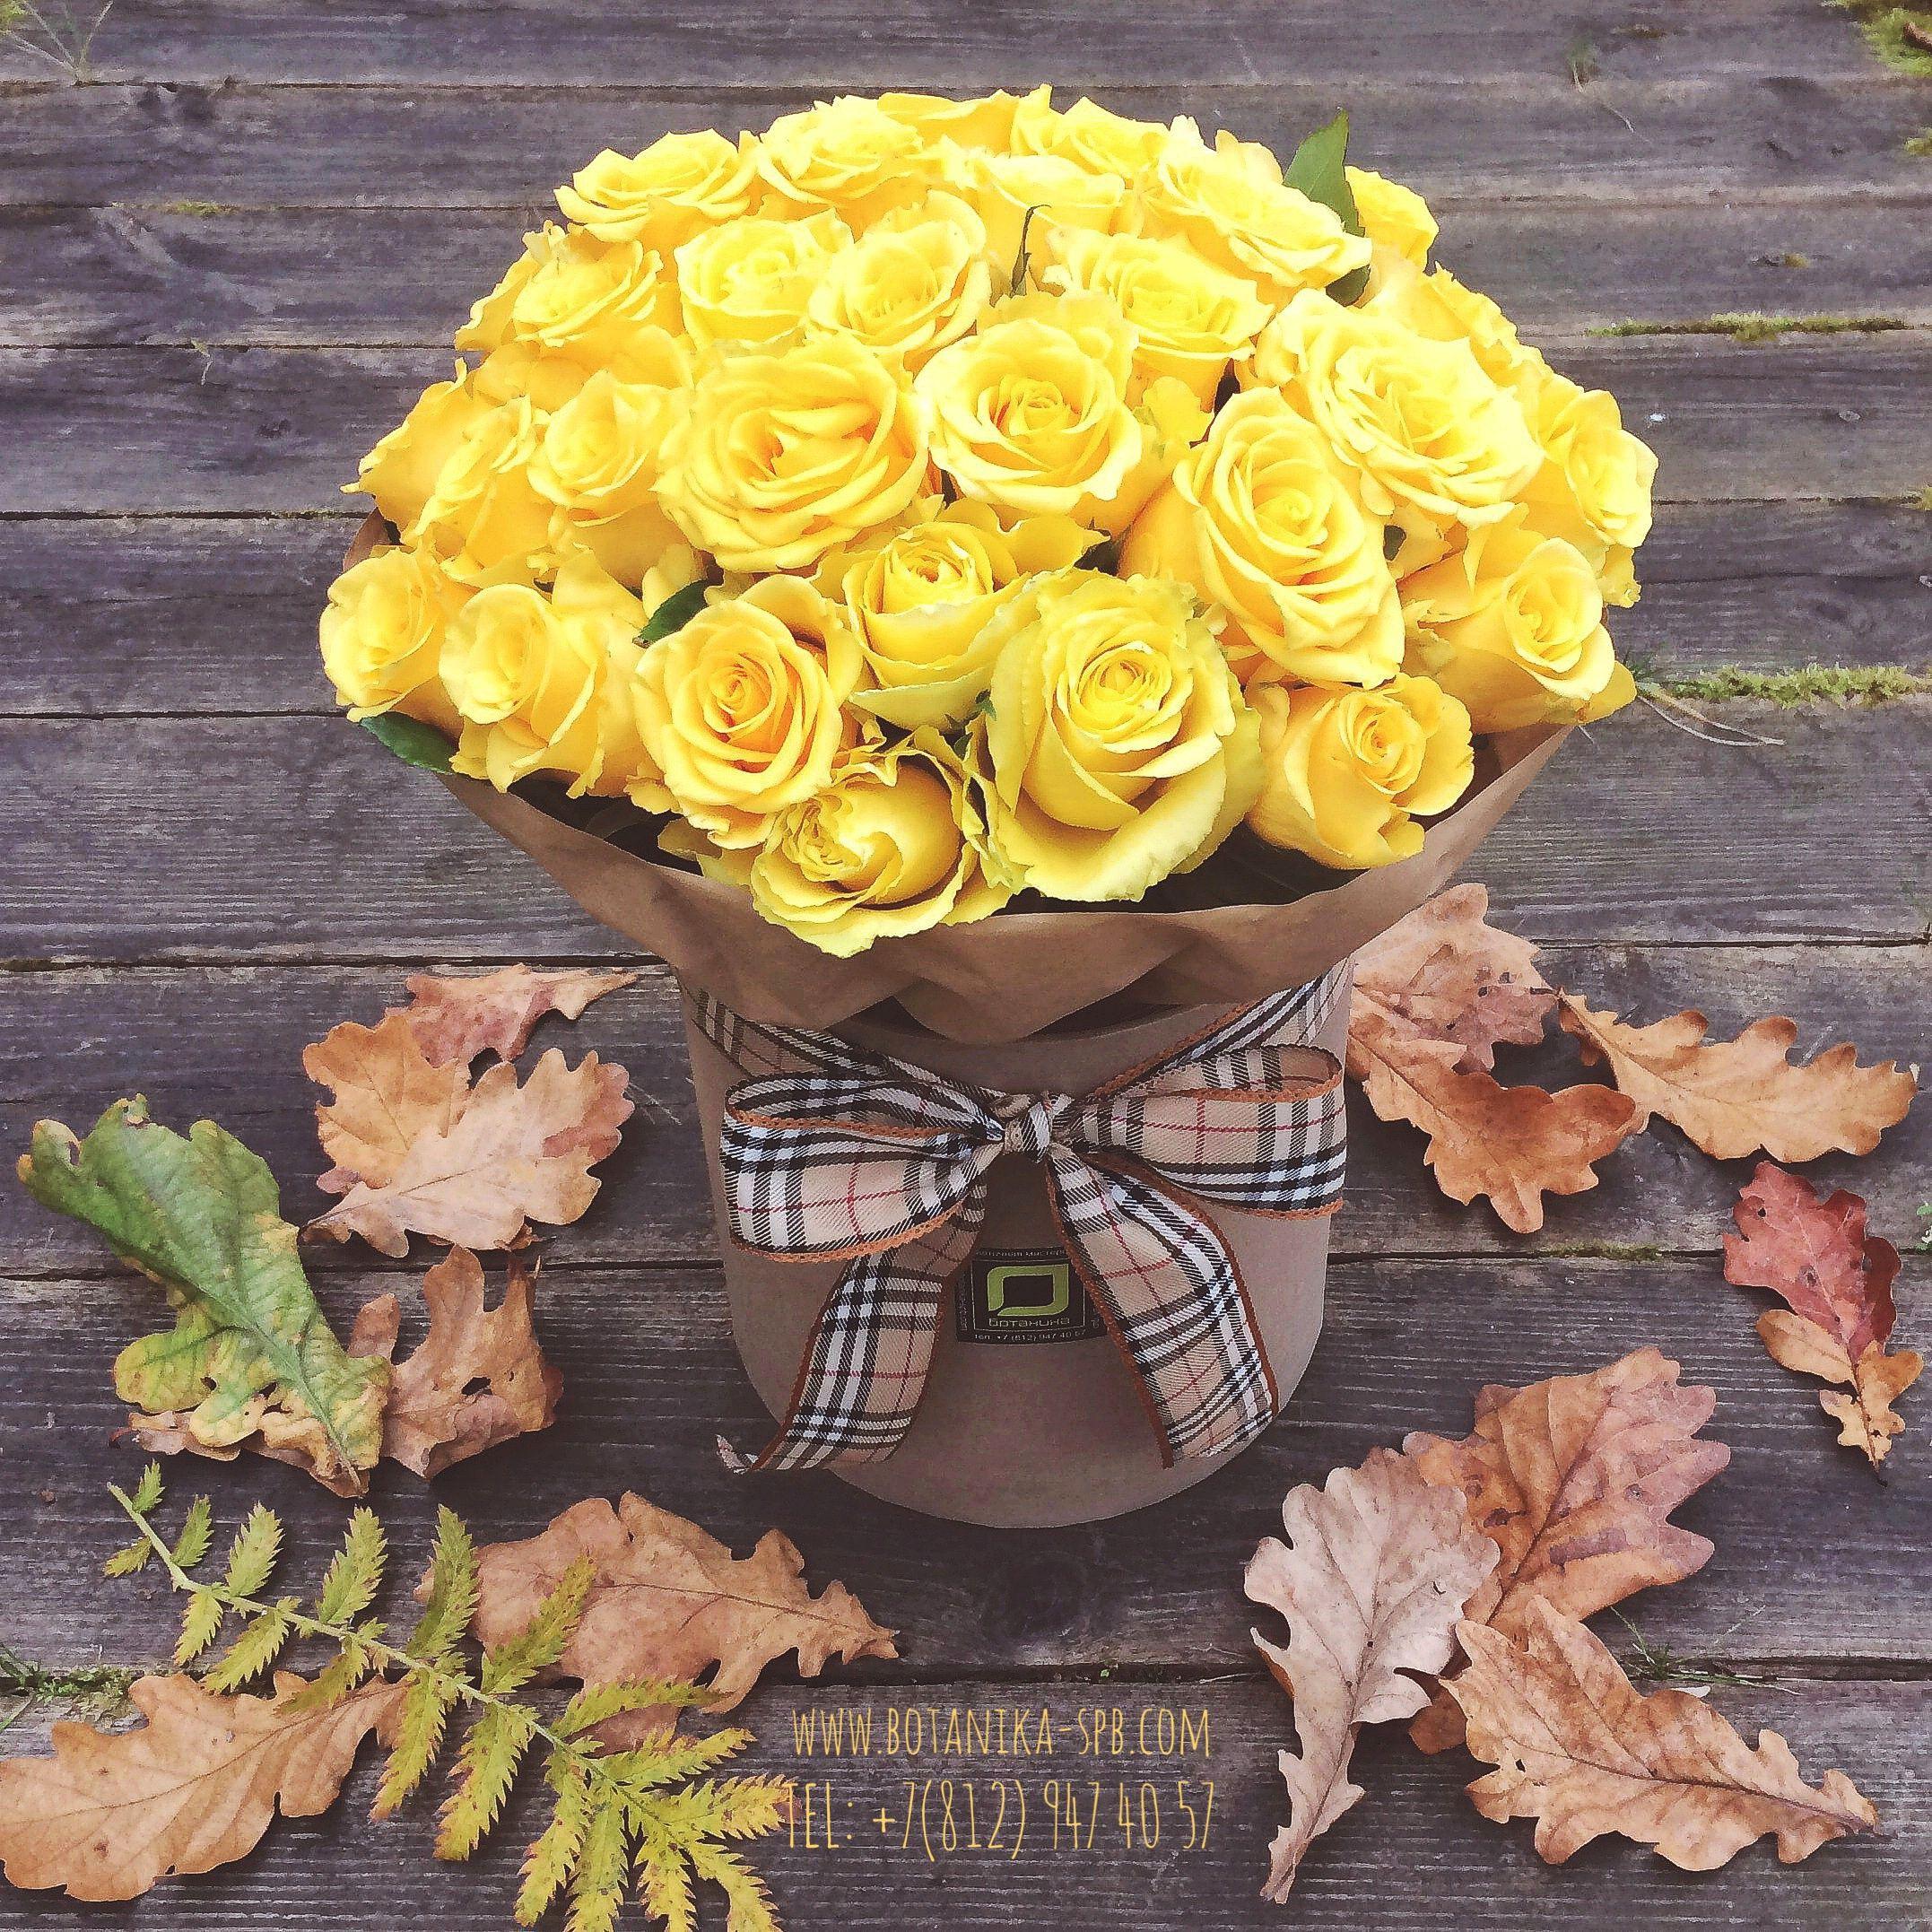 букет из желтых роз фото в коробке так появилась